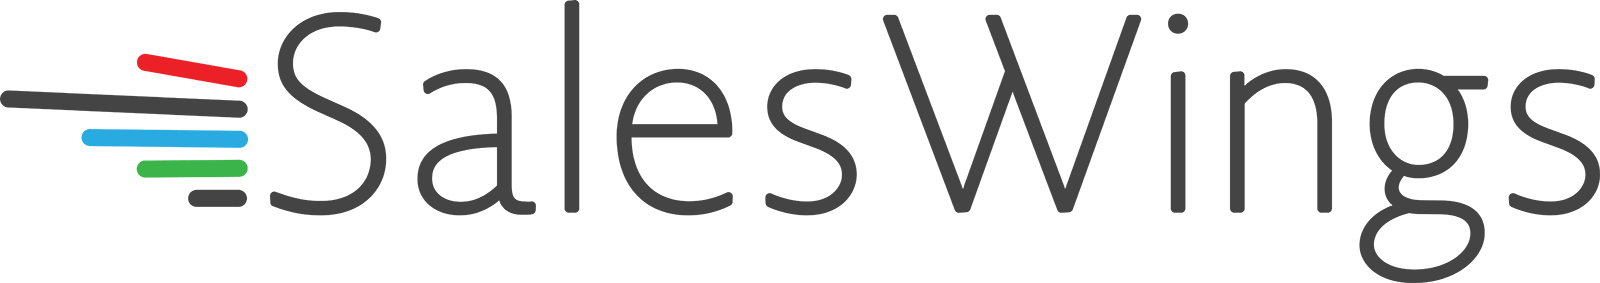 SalesWings-Logo-1600x283